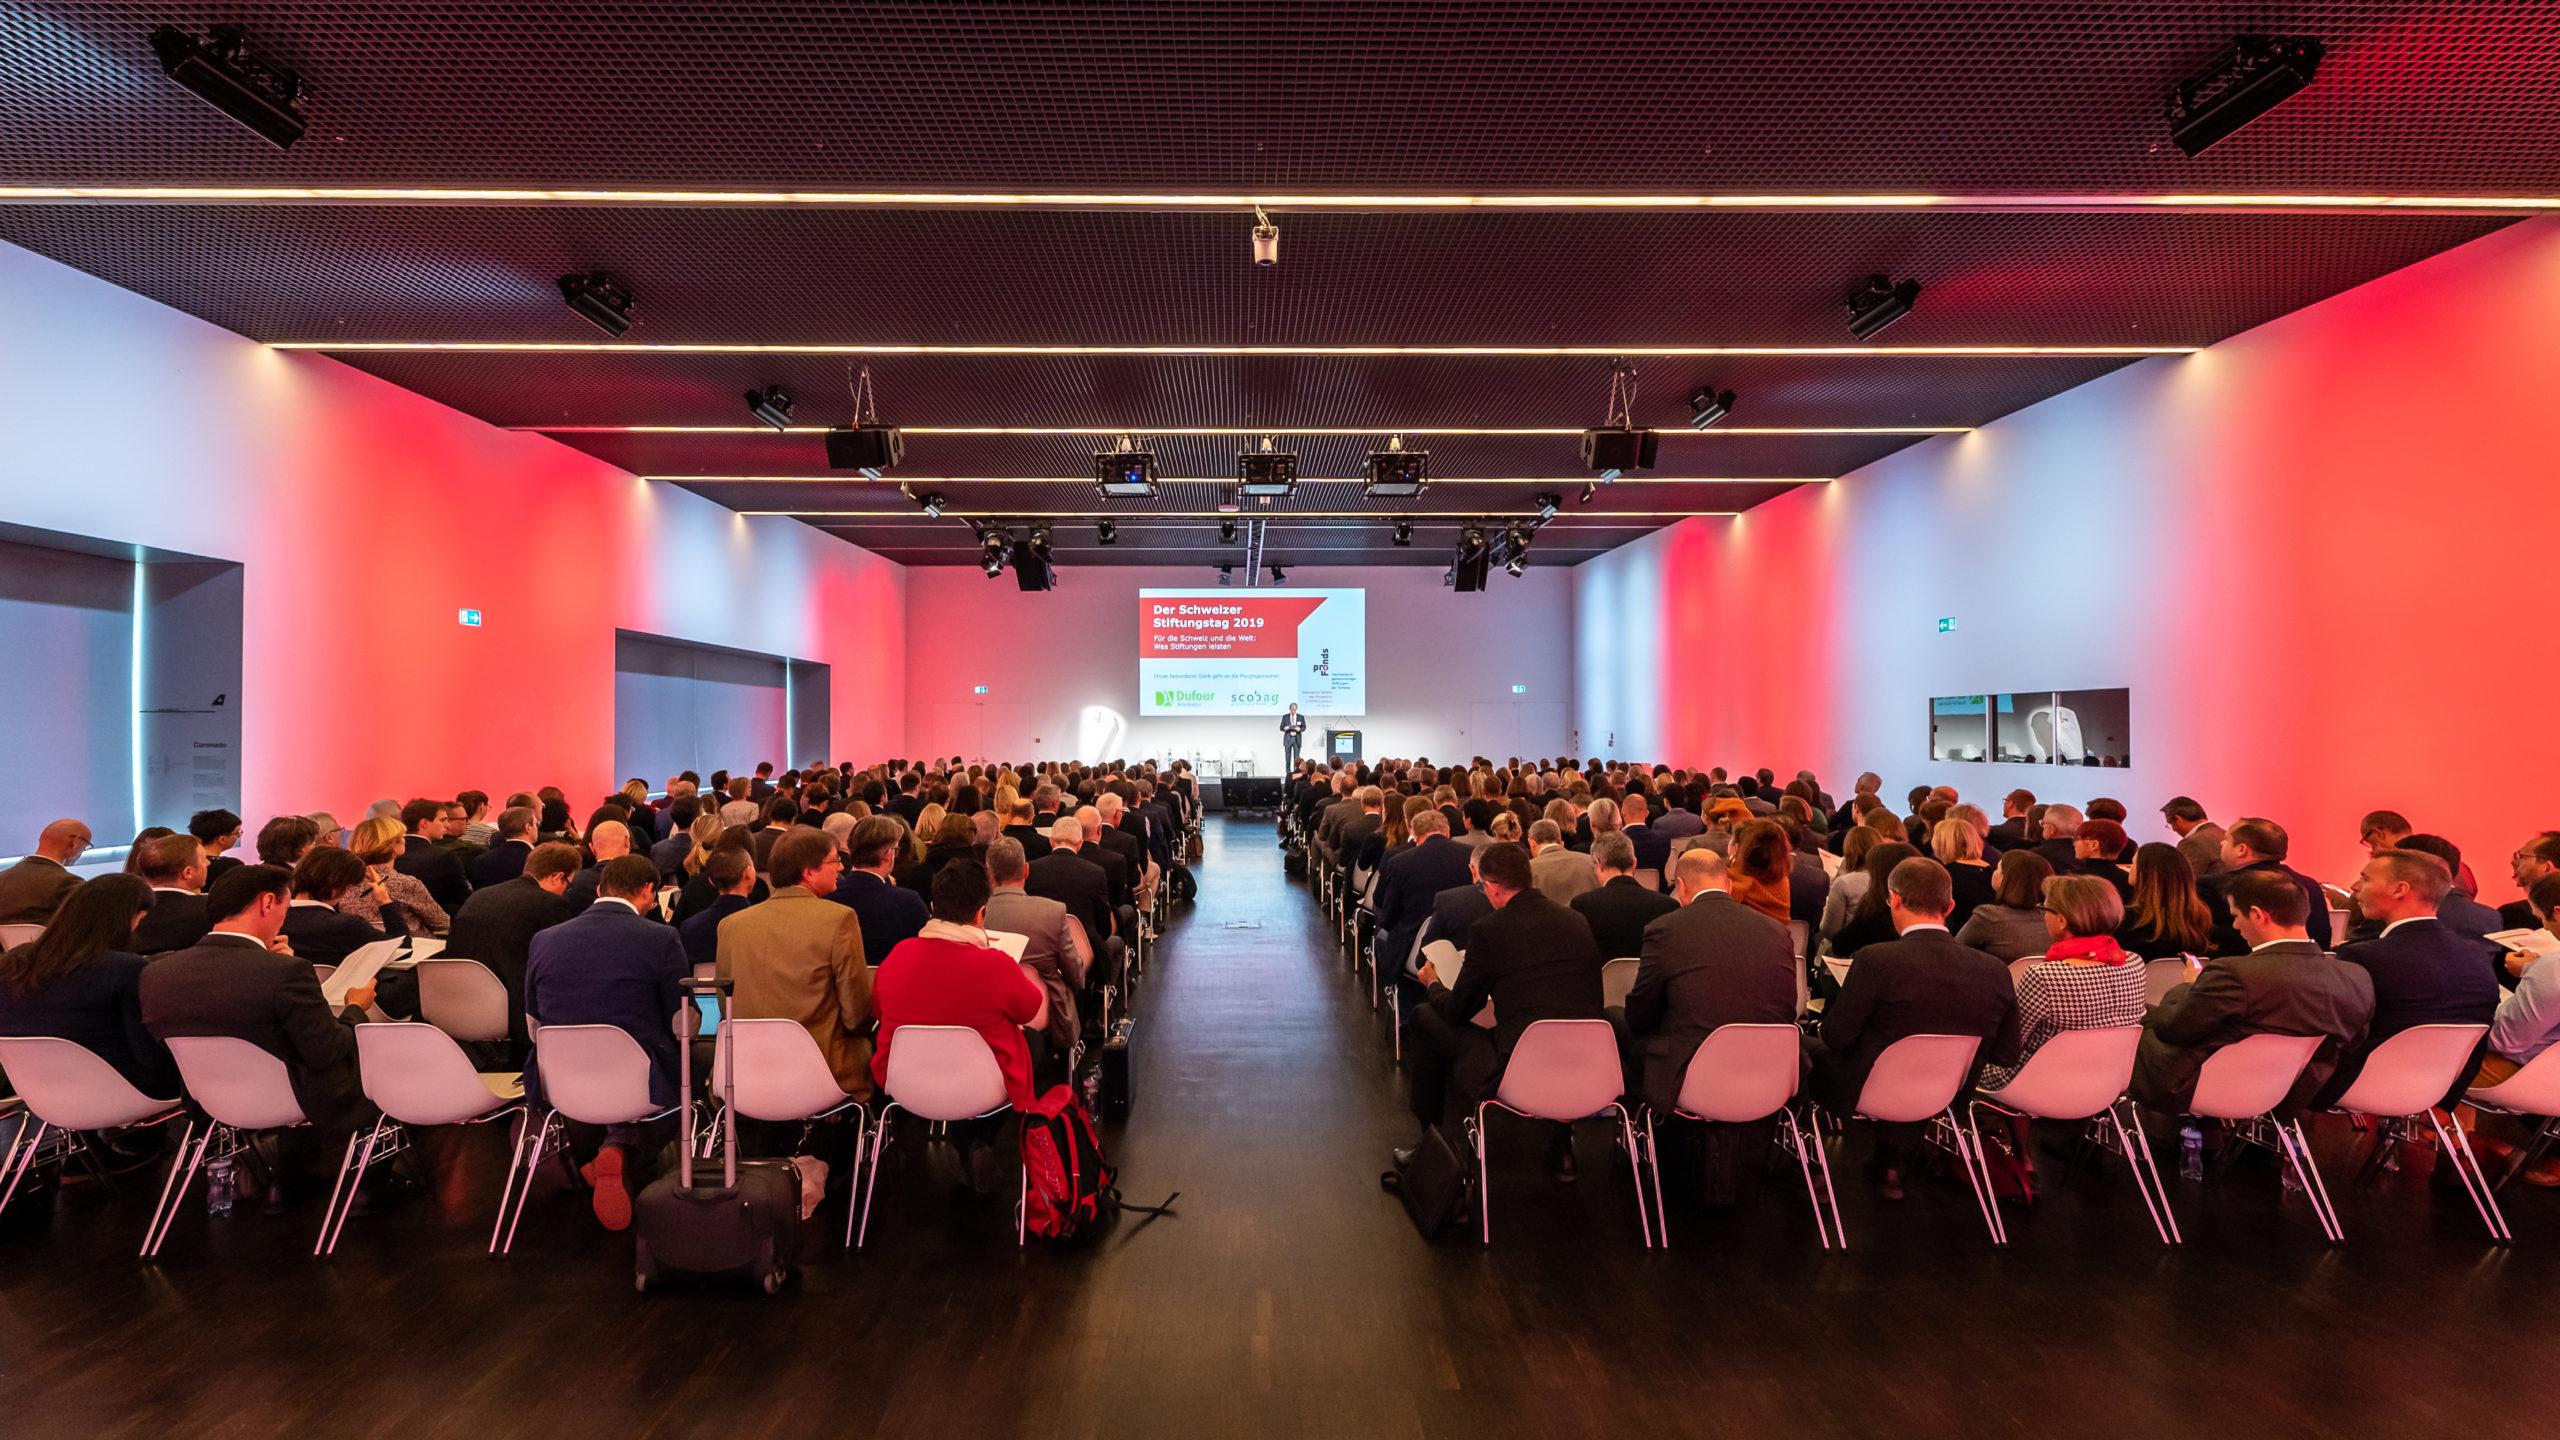 Schweizer Stiftungstag 2019